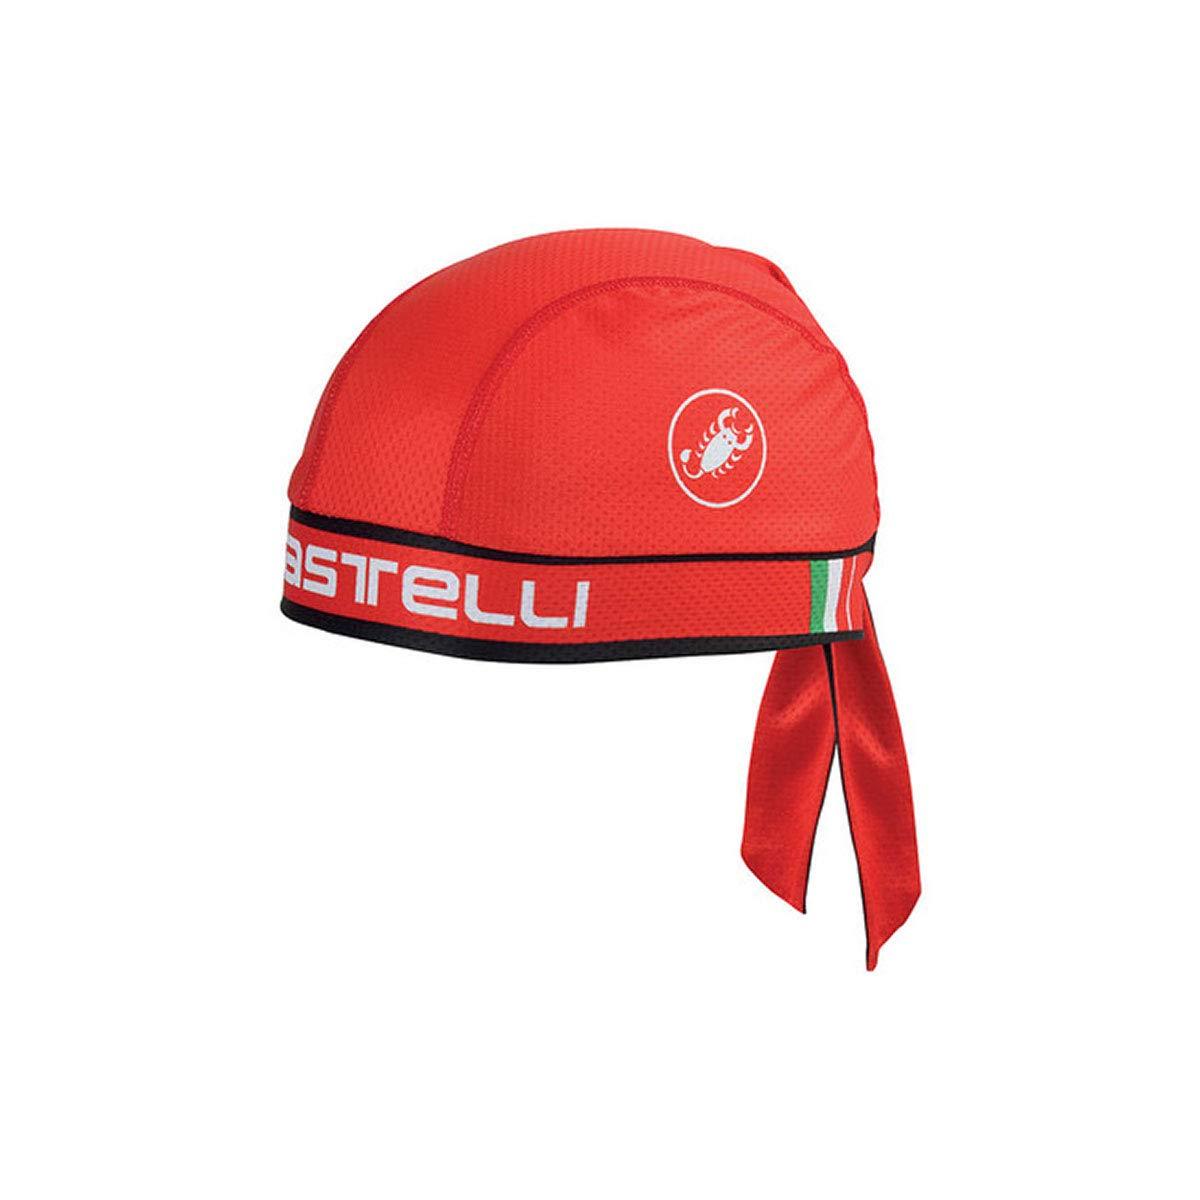 Castelli Bandana Red, One Size